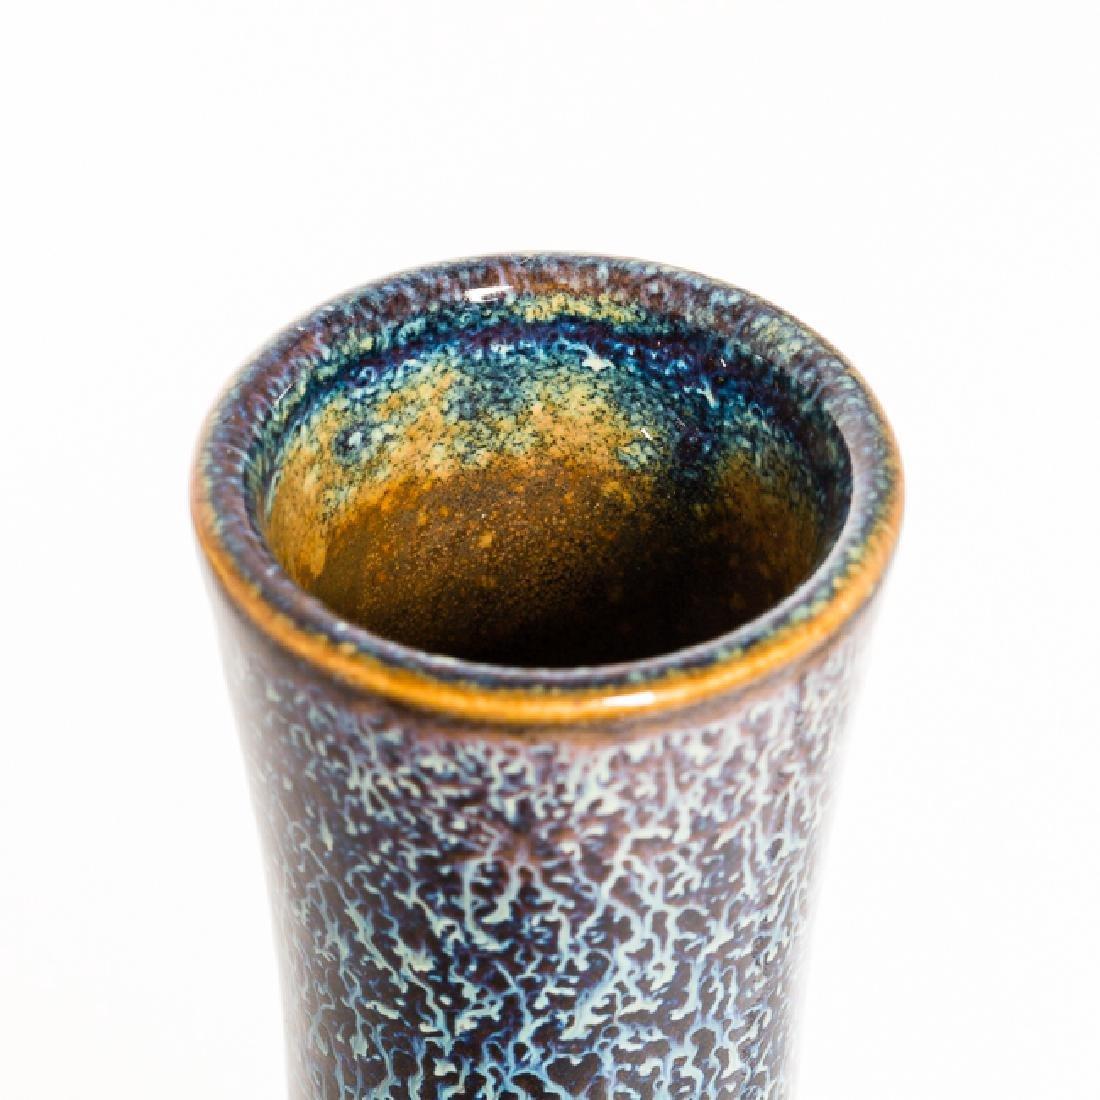 Chinese Antique Flambe-Glazed Porcelain Vase - 8